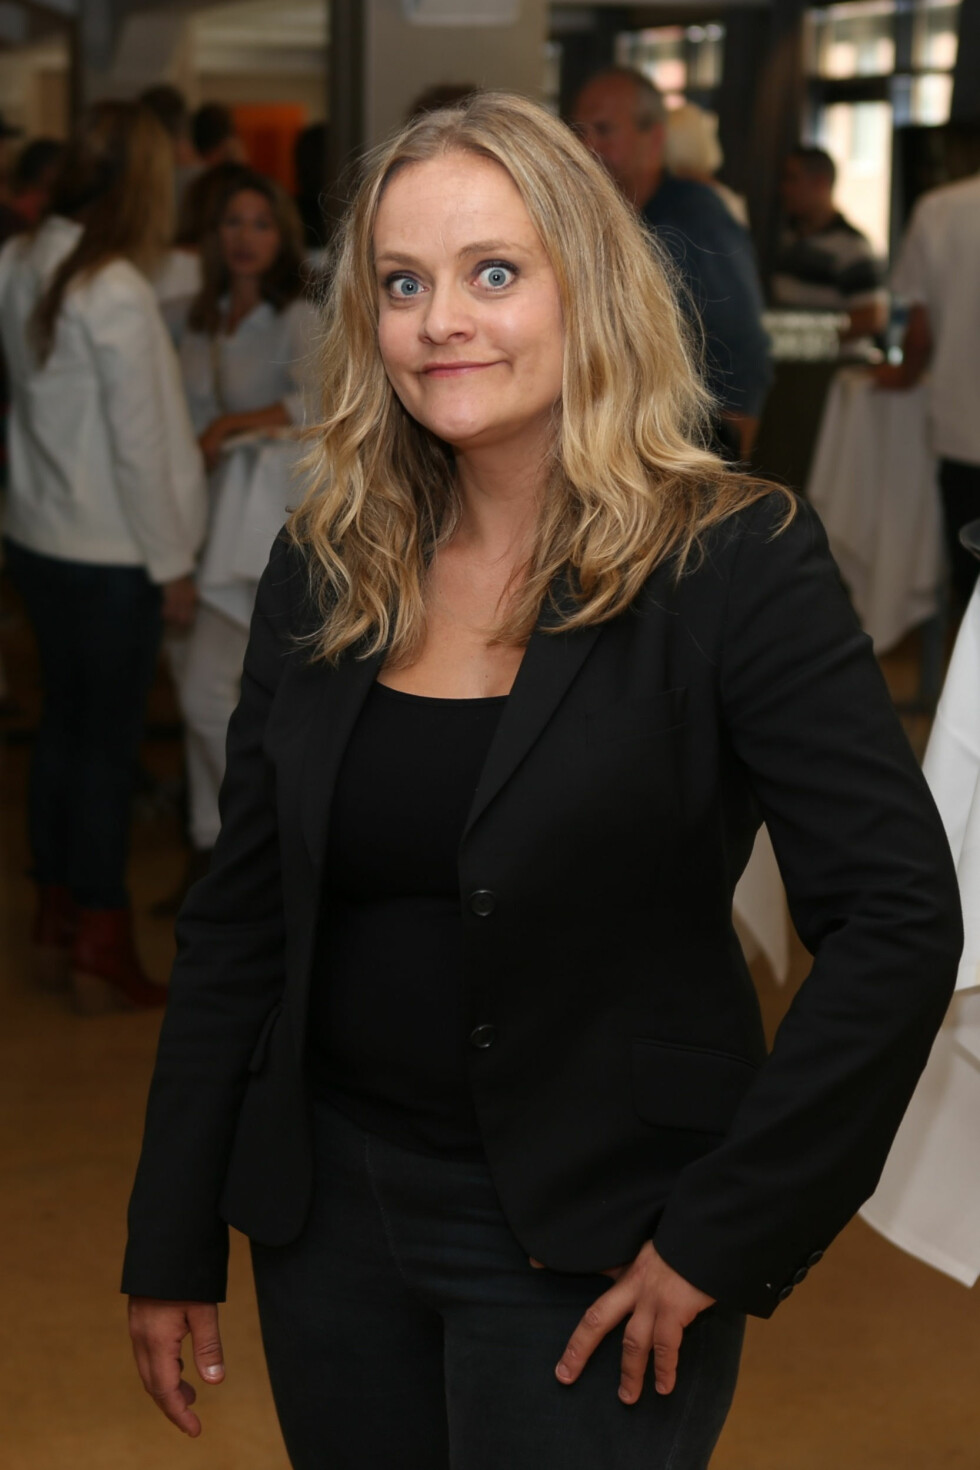 FÅR ROS: Anne Marit beundrer Henriette Steenstrup sitt forhold til sin egen kropp. Foto: FameFlynet